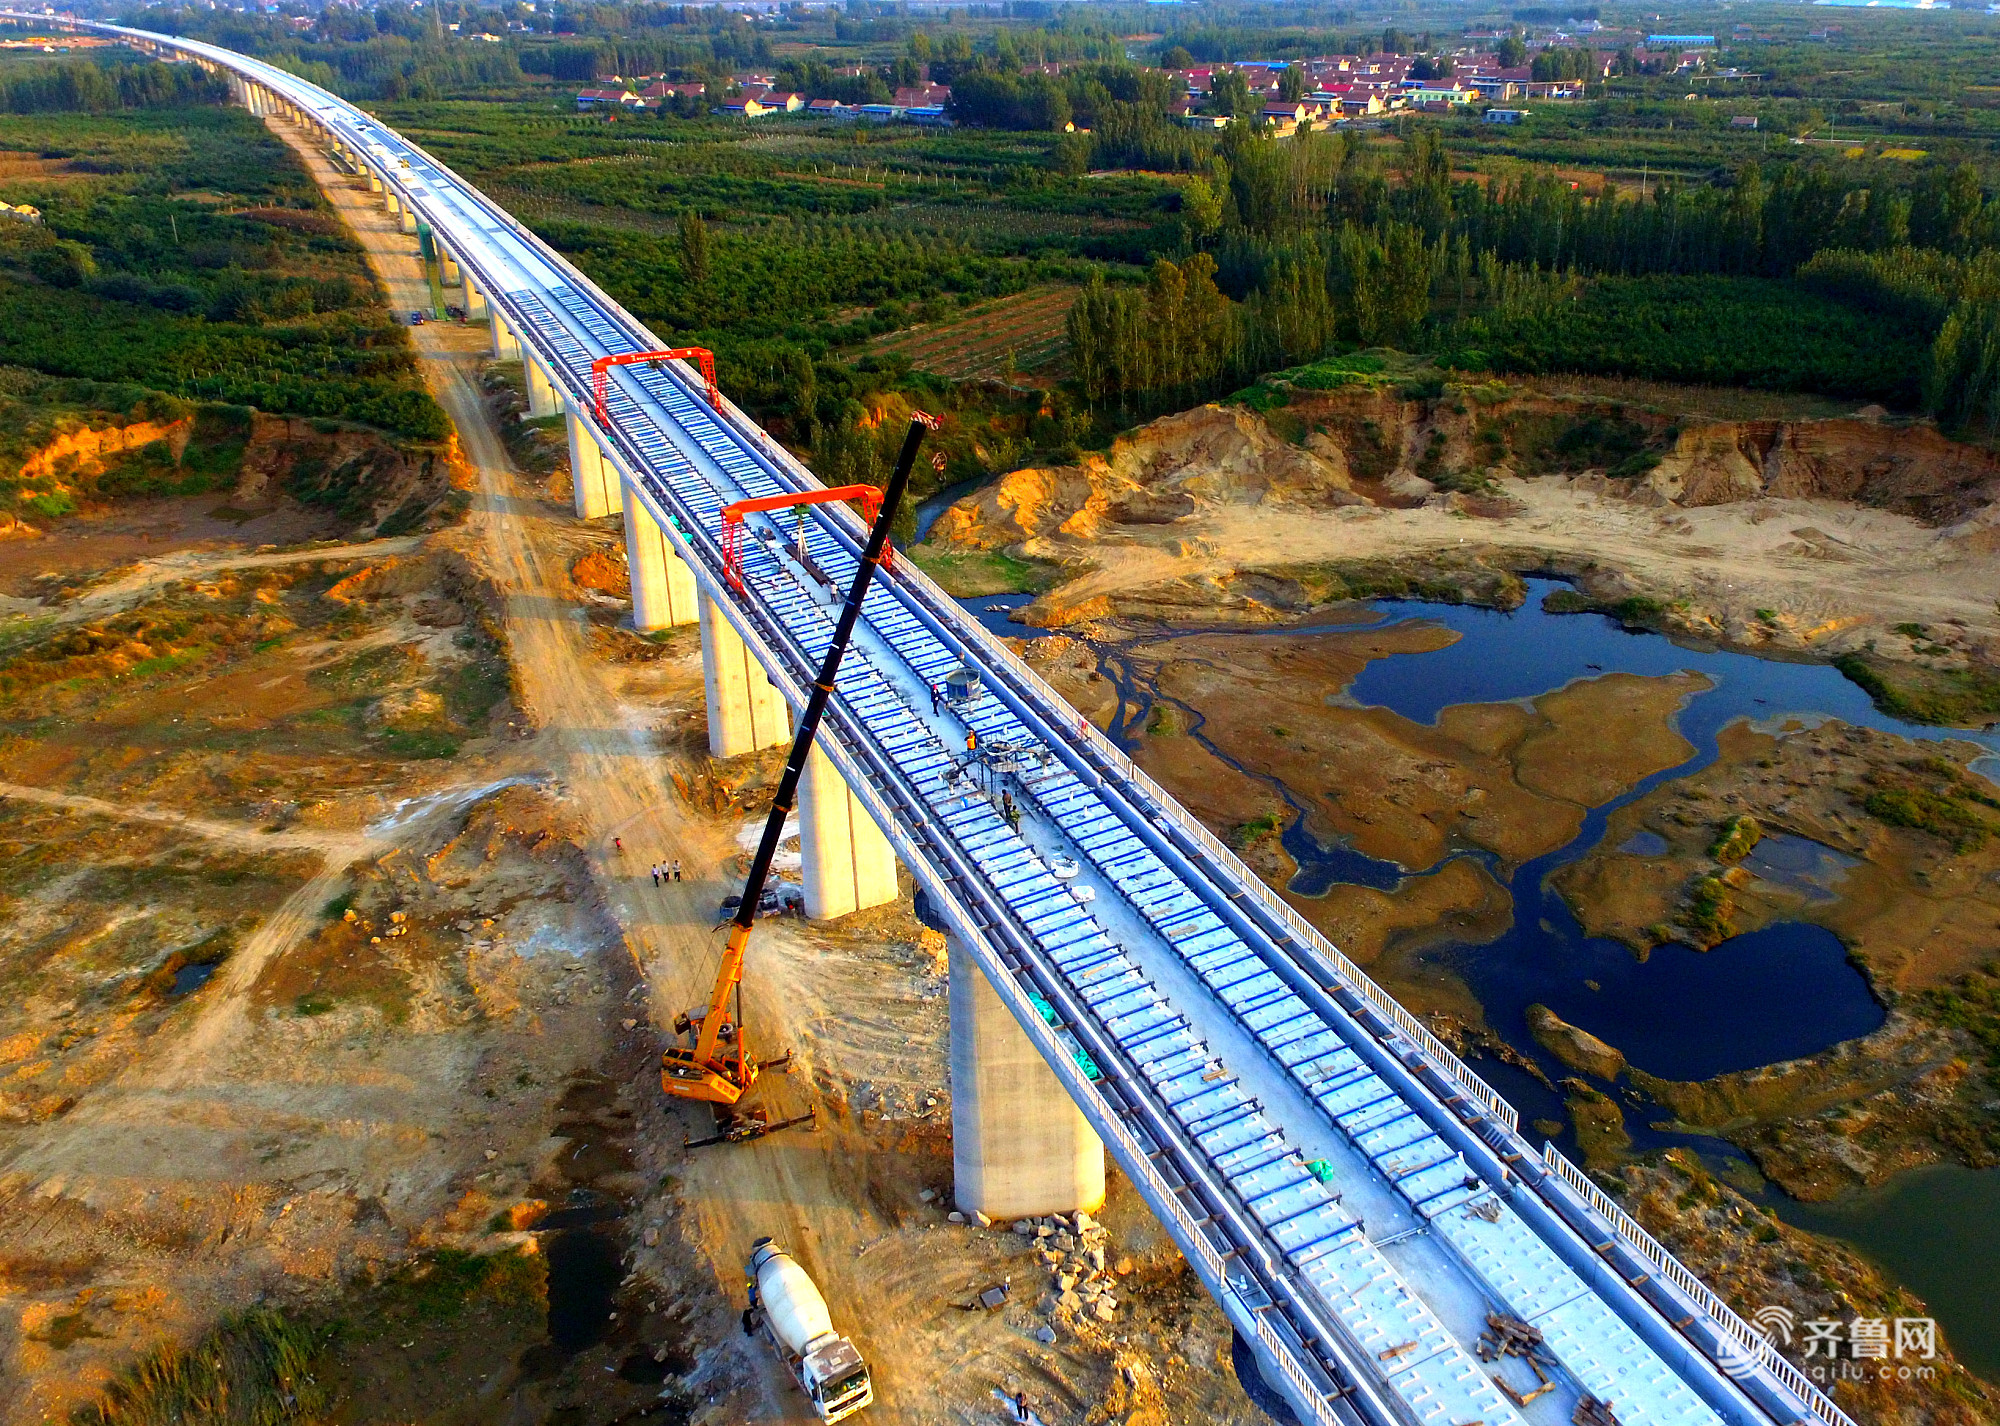 临沂:鲁南高铁国庆长假忙施工 预计2019年底建成通车